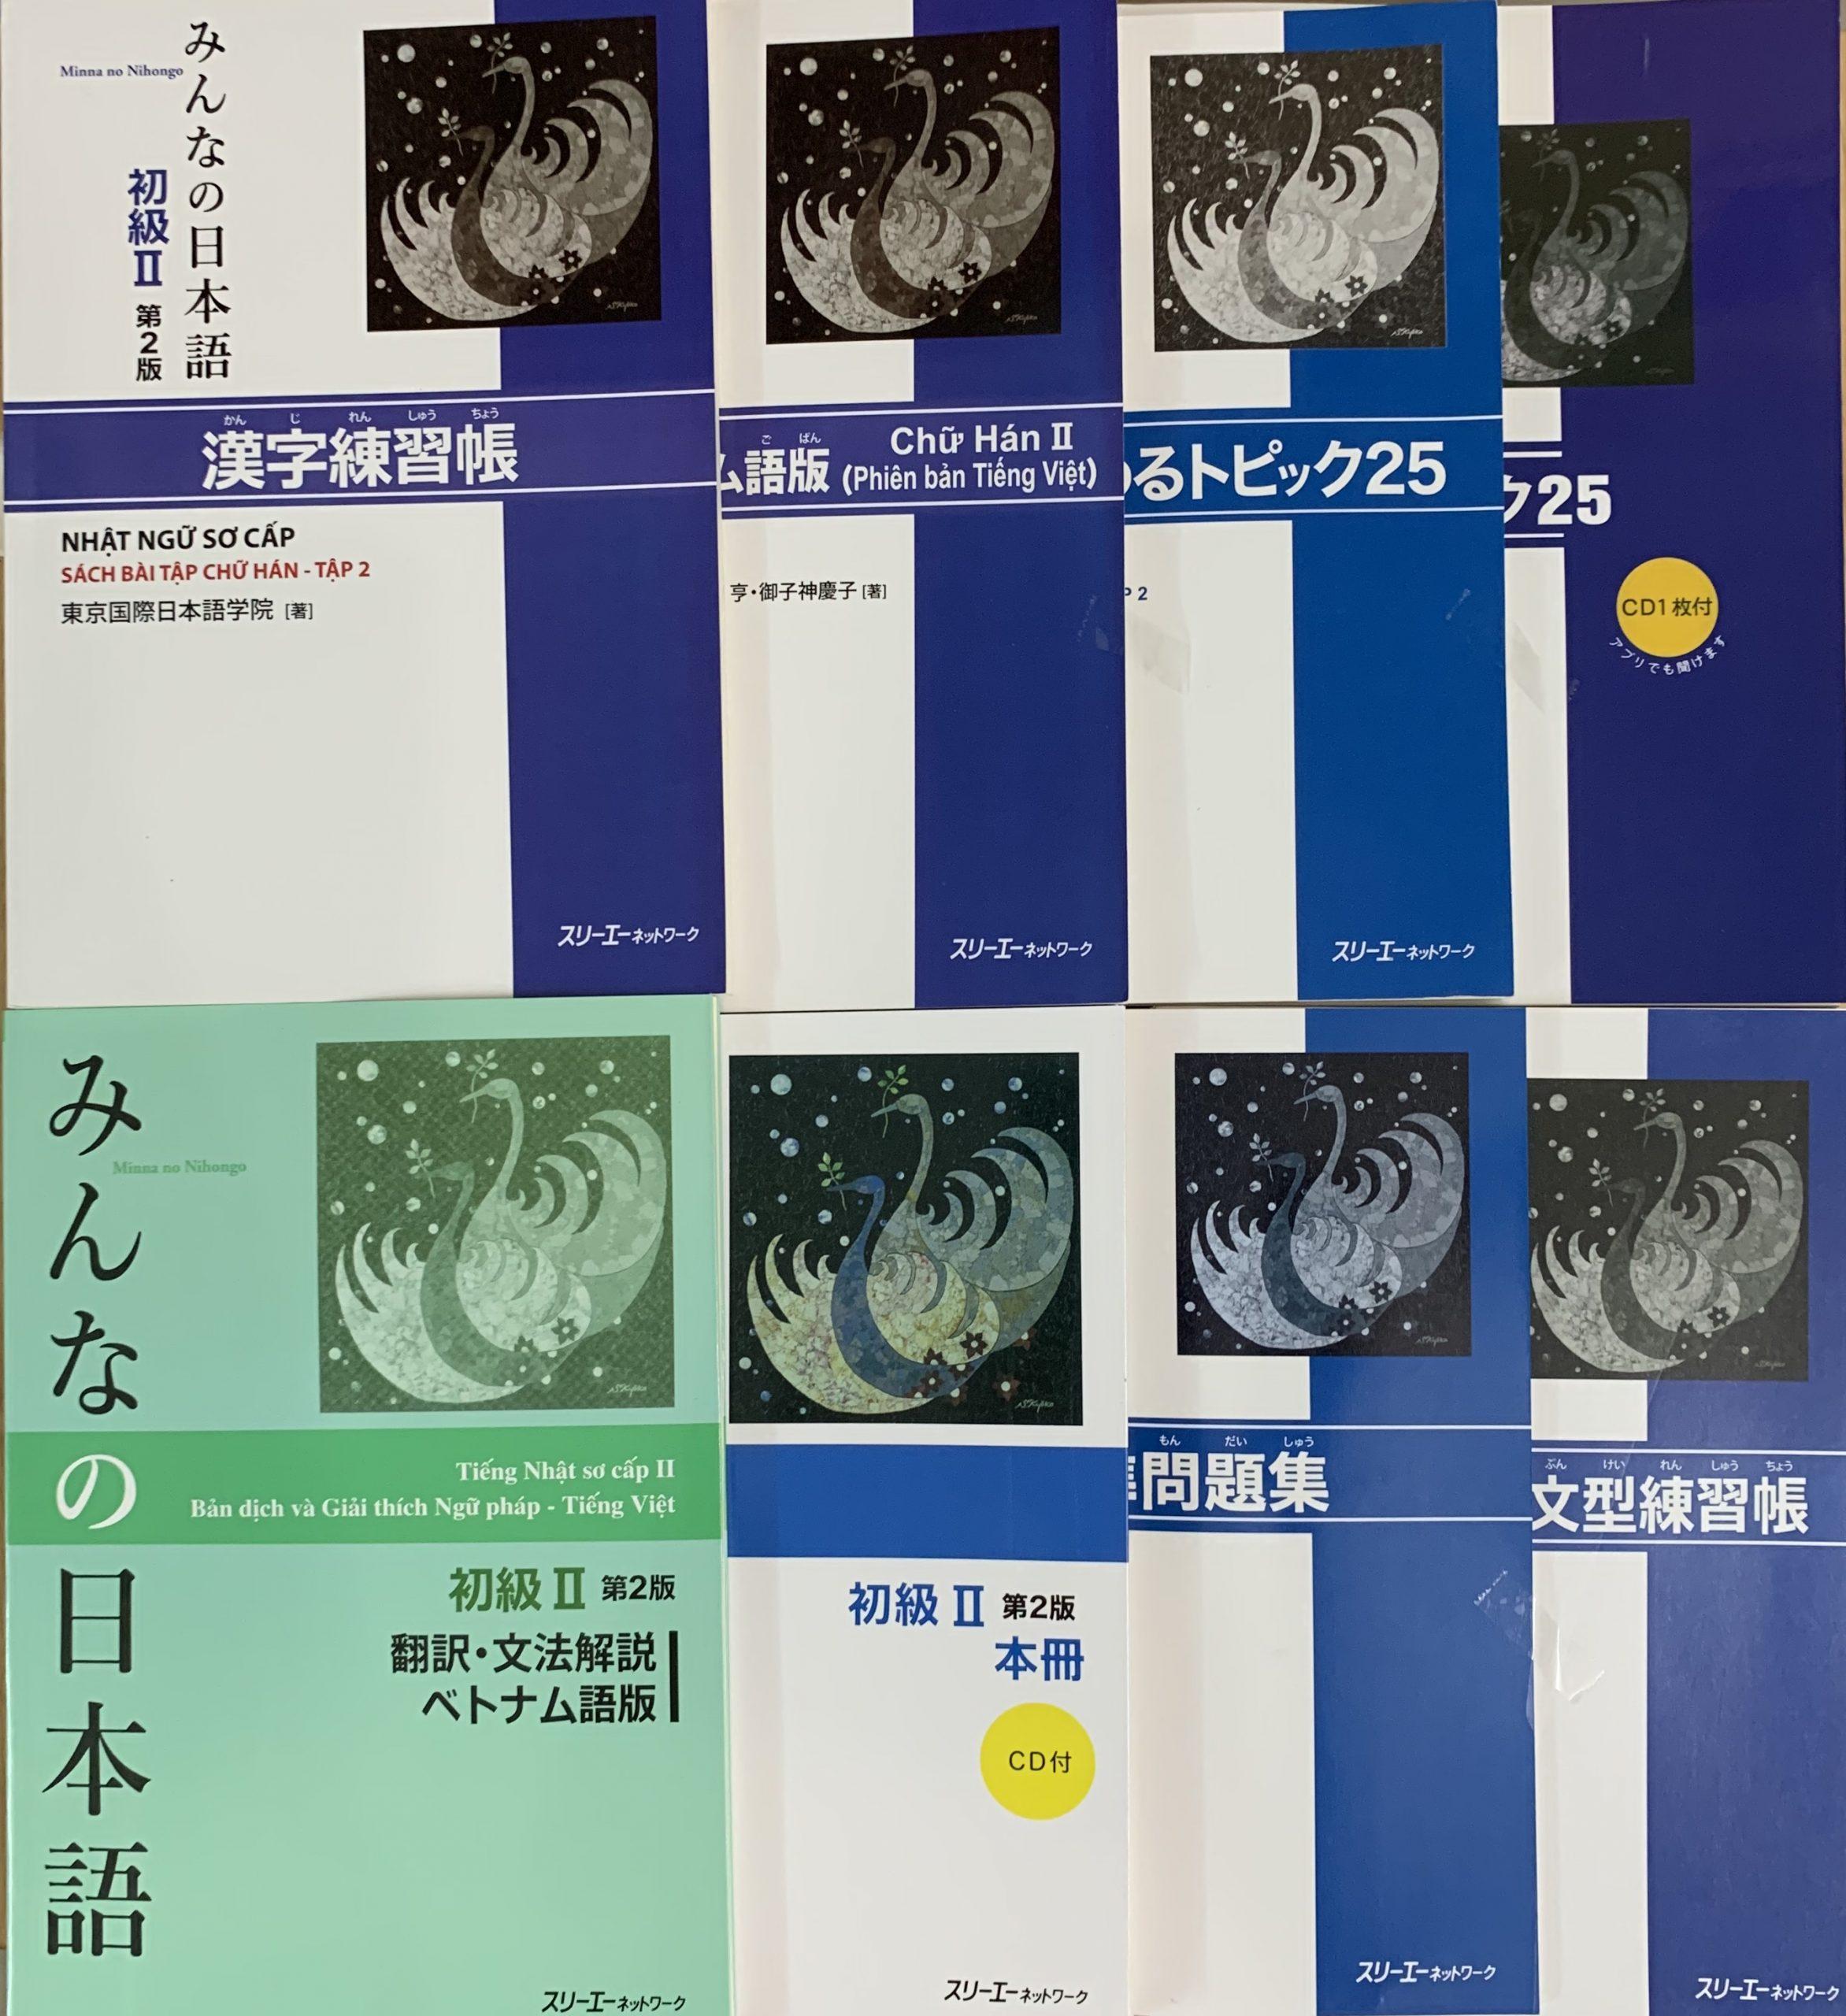 Lifestyle designTrọn Bộ Minna No Nihongo Sơ Cấp 2 Bản Mới (Cấp Độ N4 – 8 Cuốn)